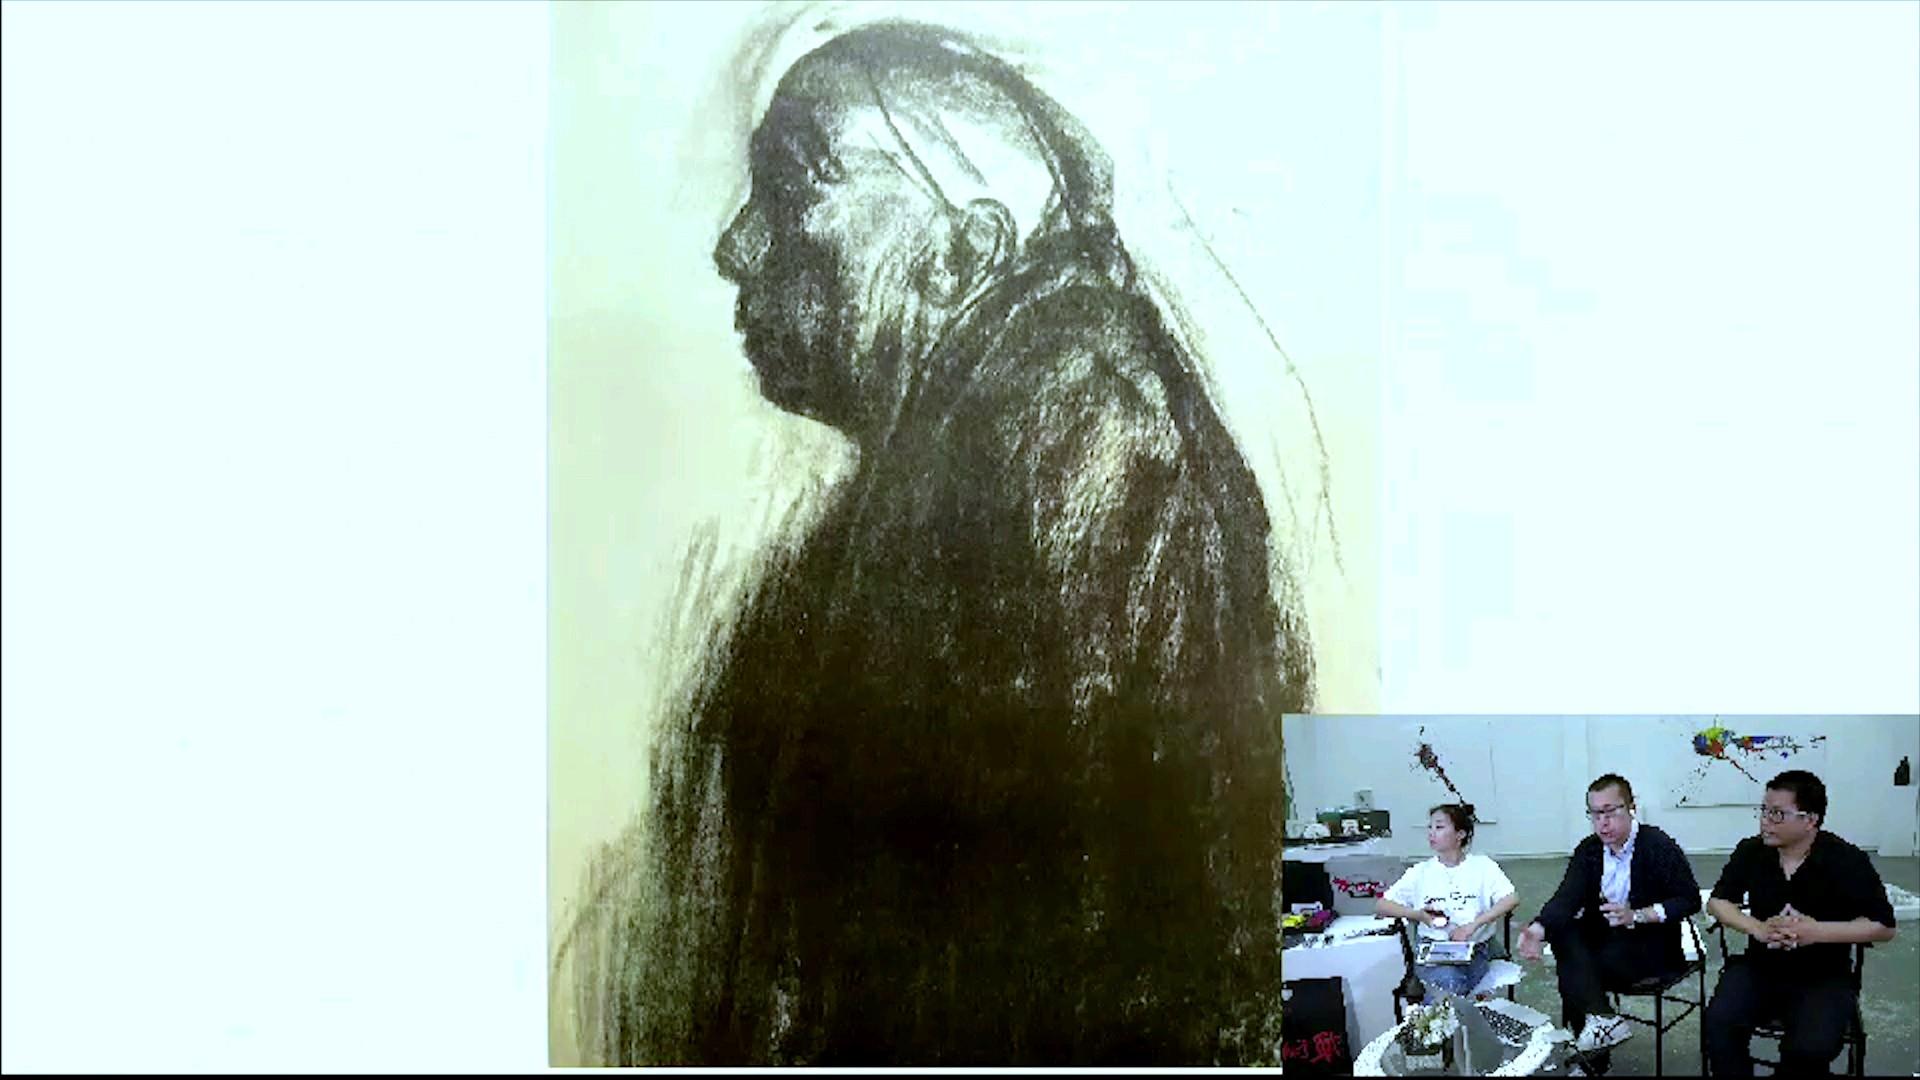 盧征遠、盧華卿《造型藝術公益講座》  ——繪畫不是看到什么就畫什么